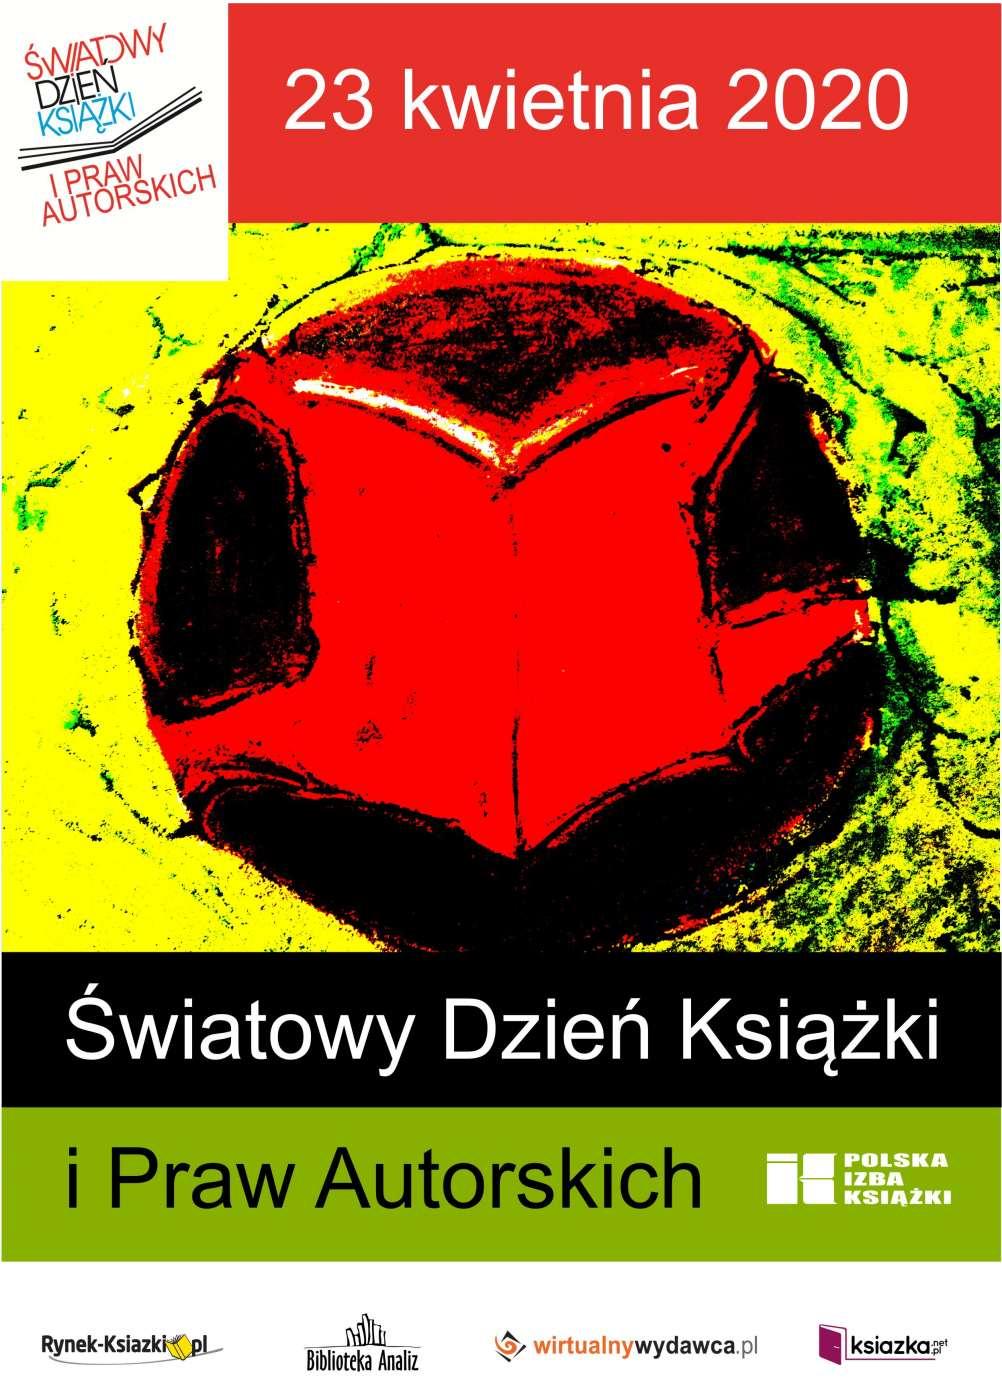 swiatowy dzien ksiazki 2020 Dzień Książki i konkurs fotograficzny pt.